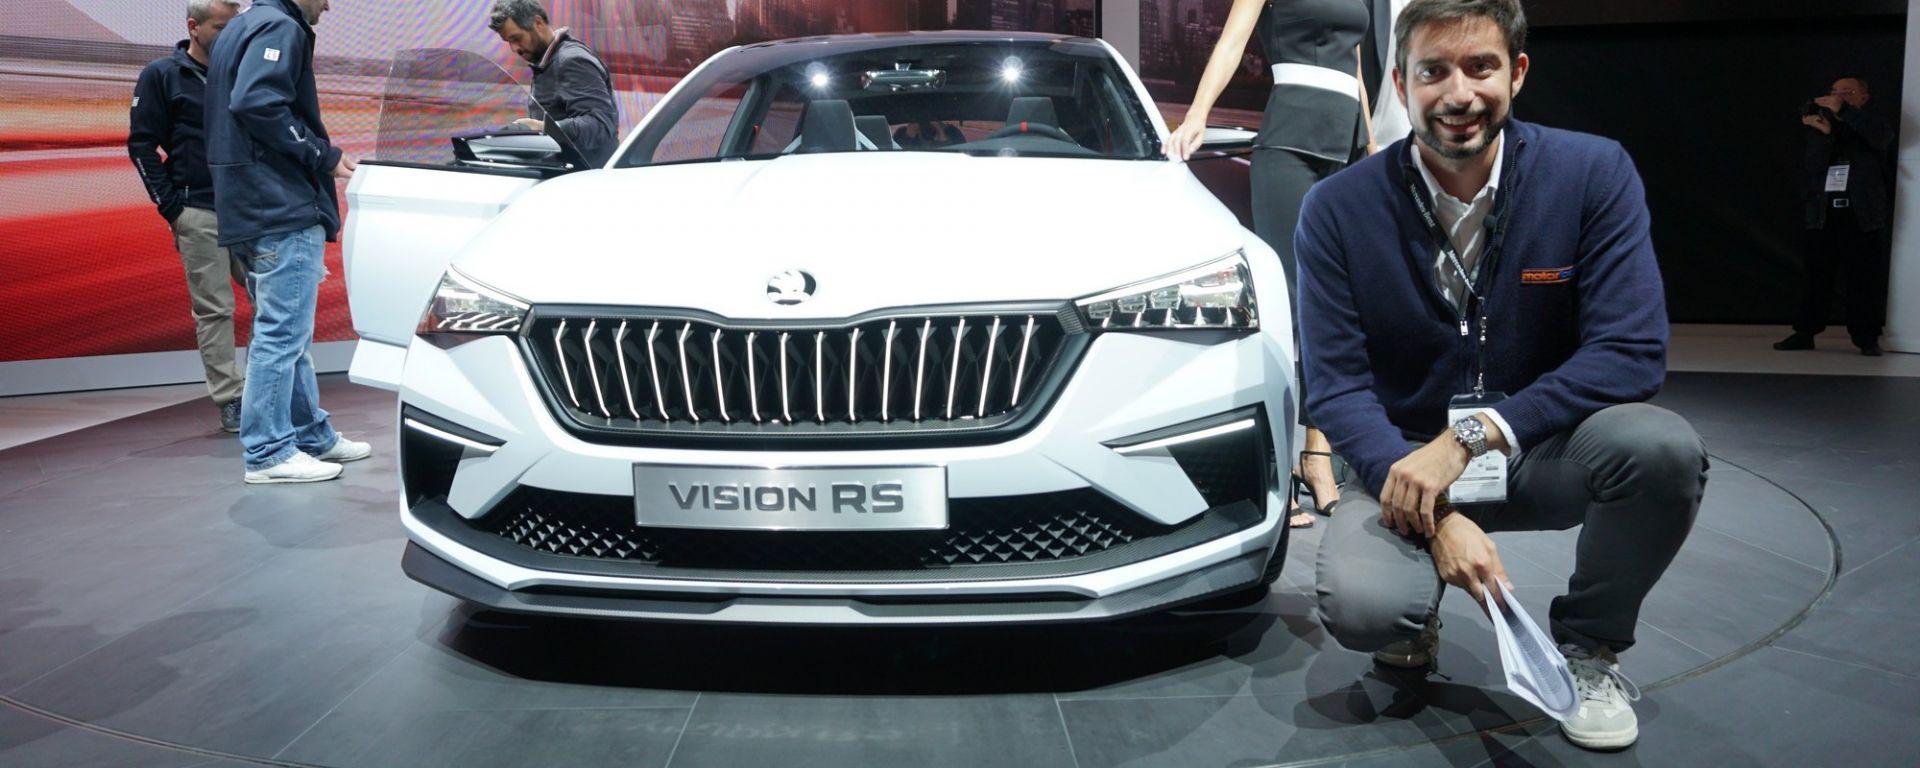 Skoda Vision RS Concept a Parigi 2018